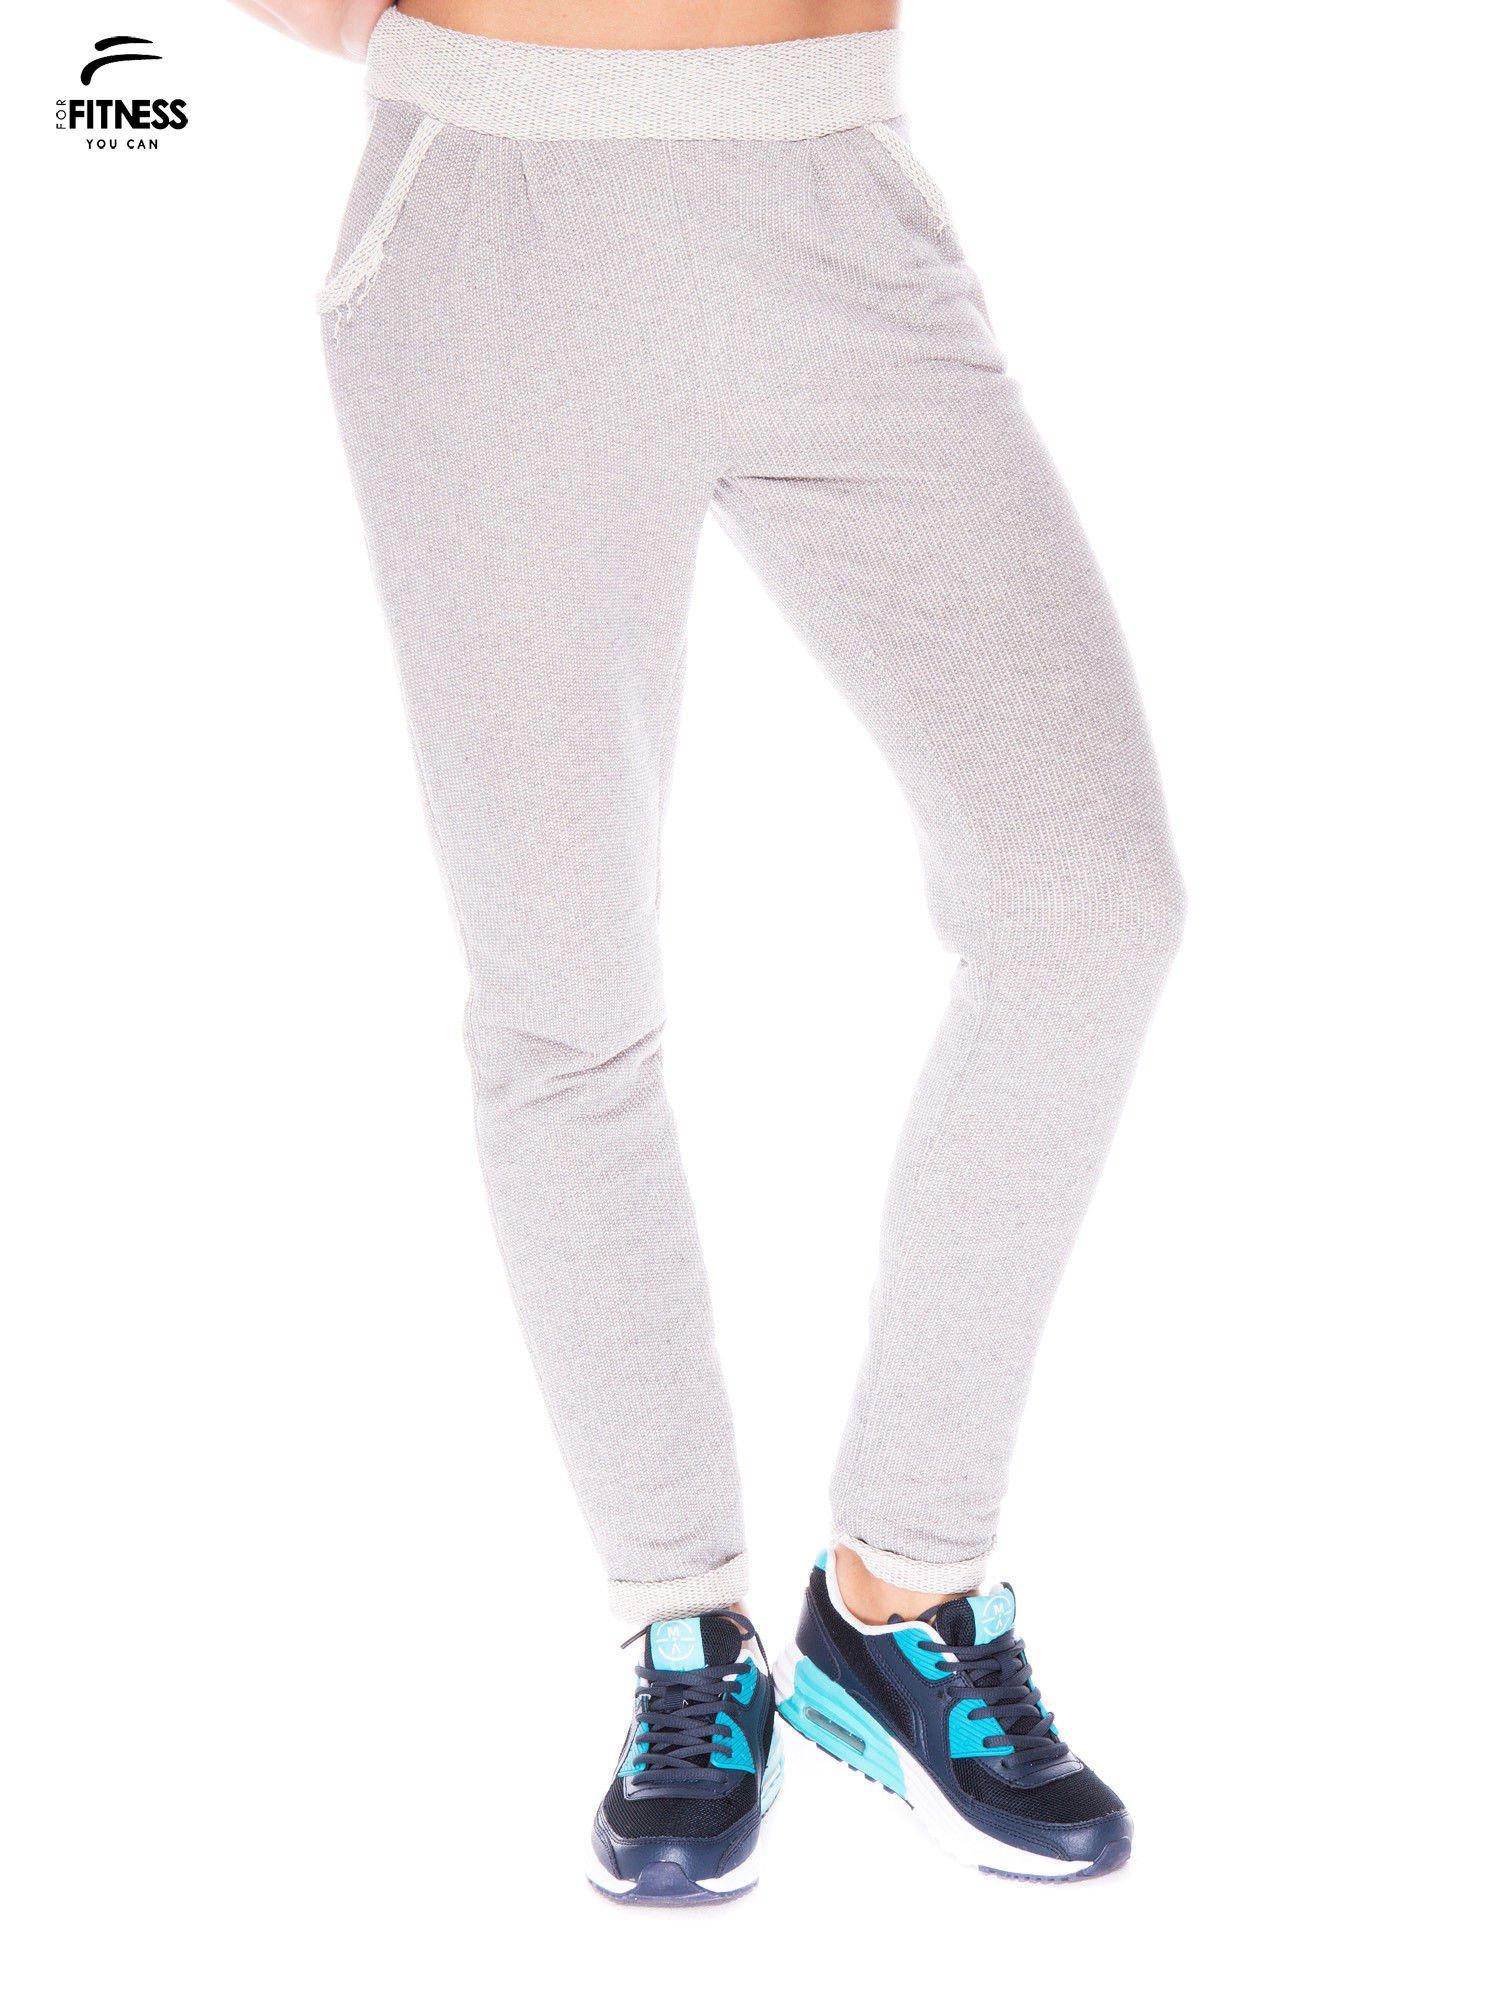 Jasnoszare spodnie dresowe ze zwężaną nogawką zakończoną na dole ściągaczem                                  zdj.                                  1